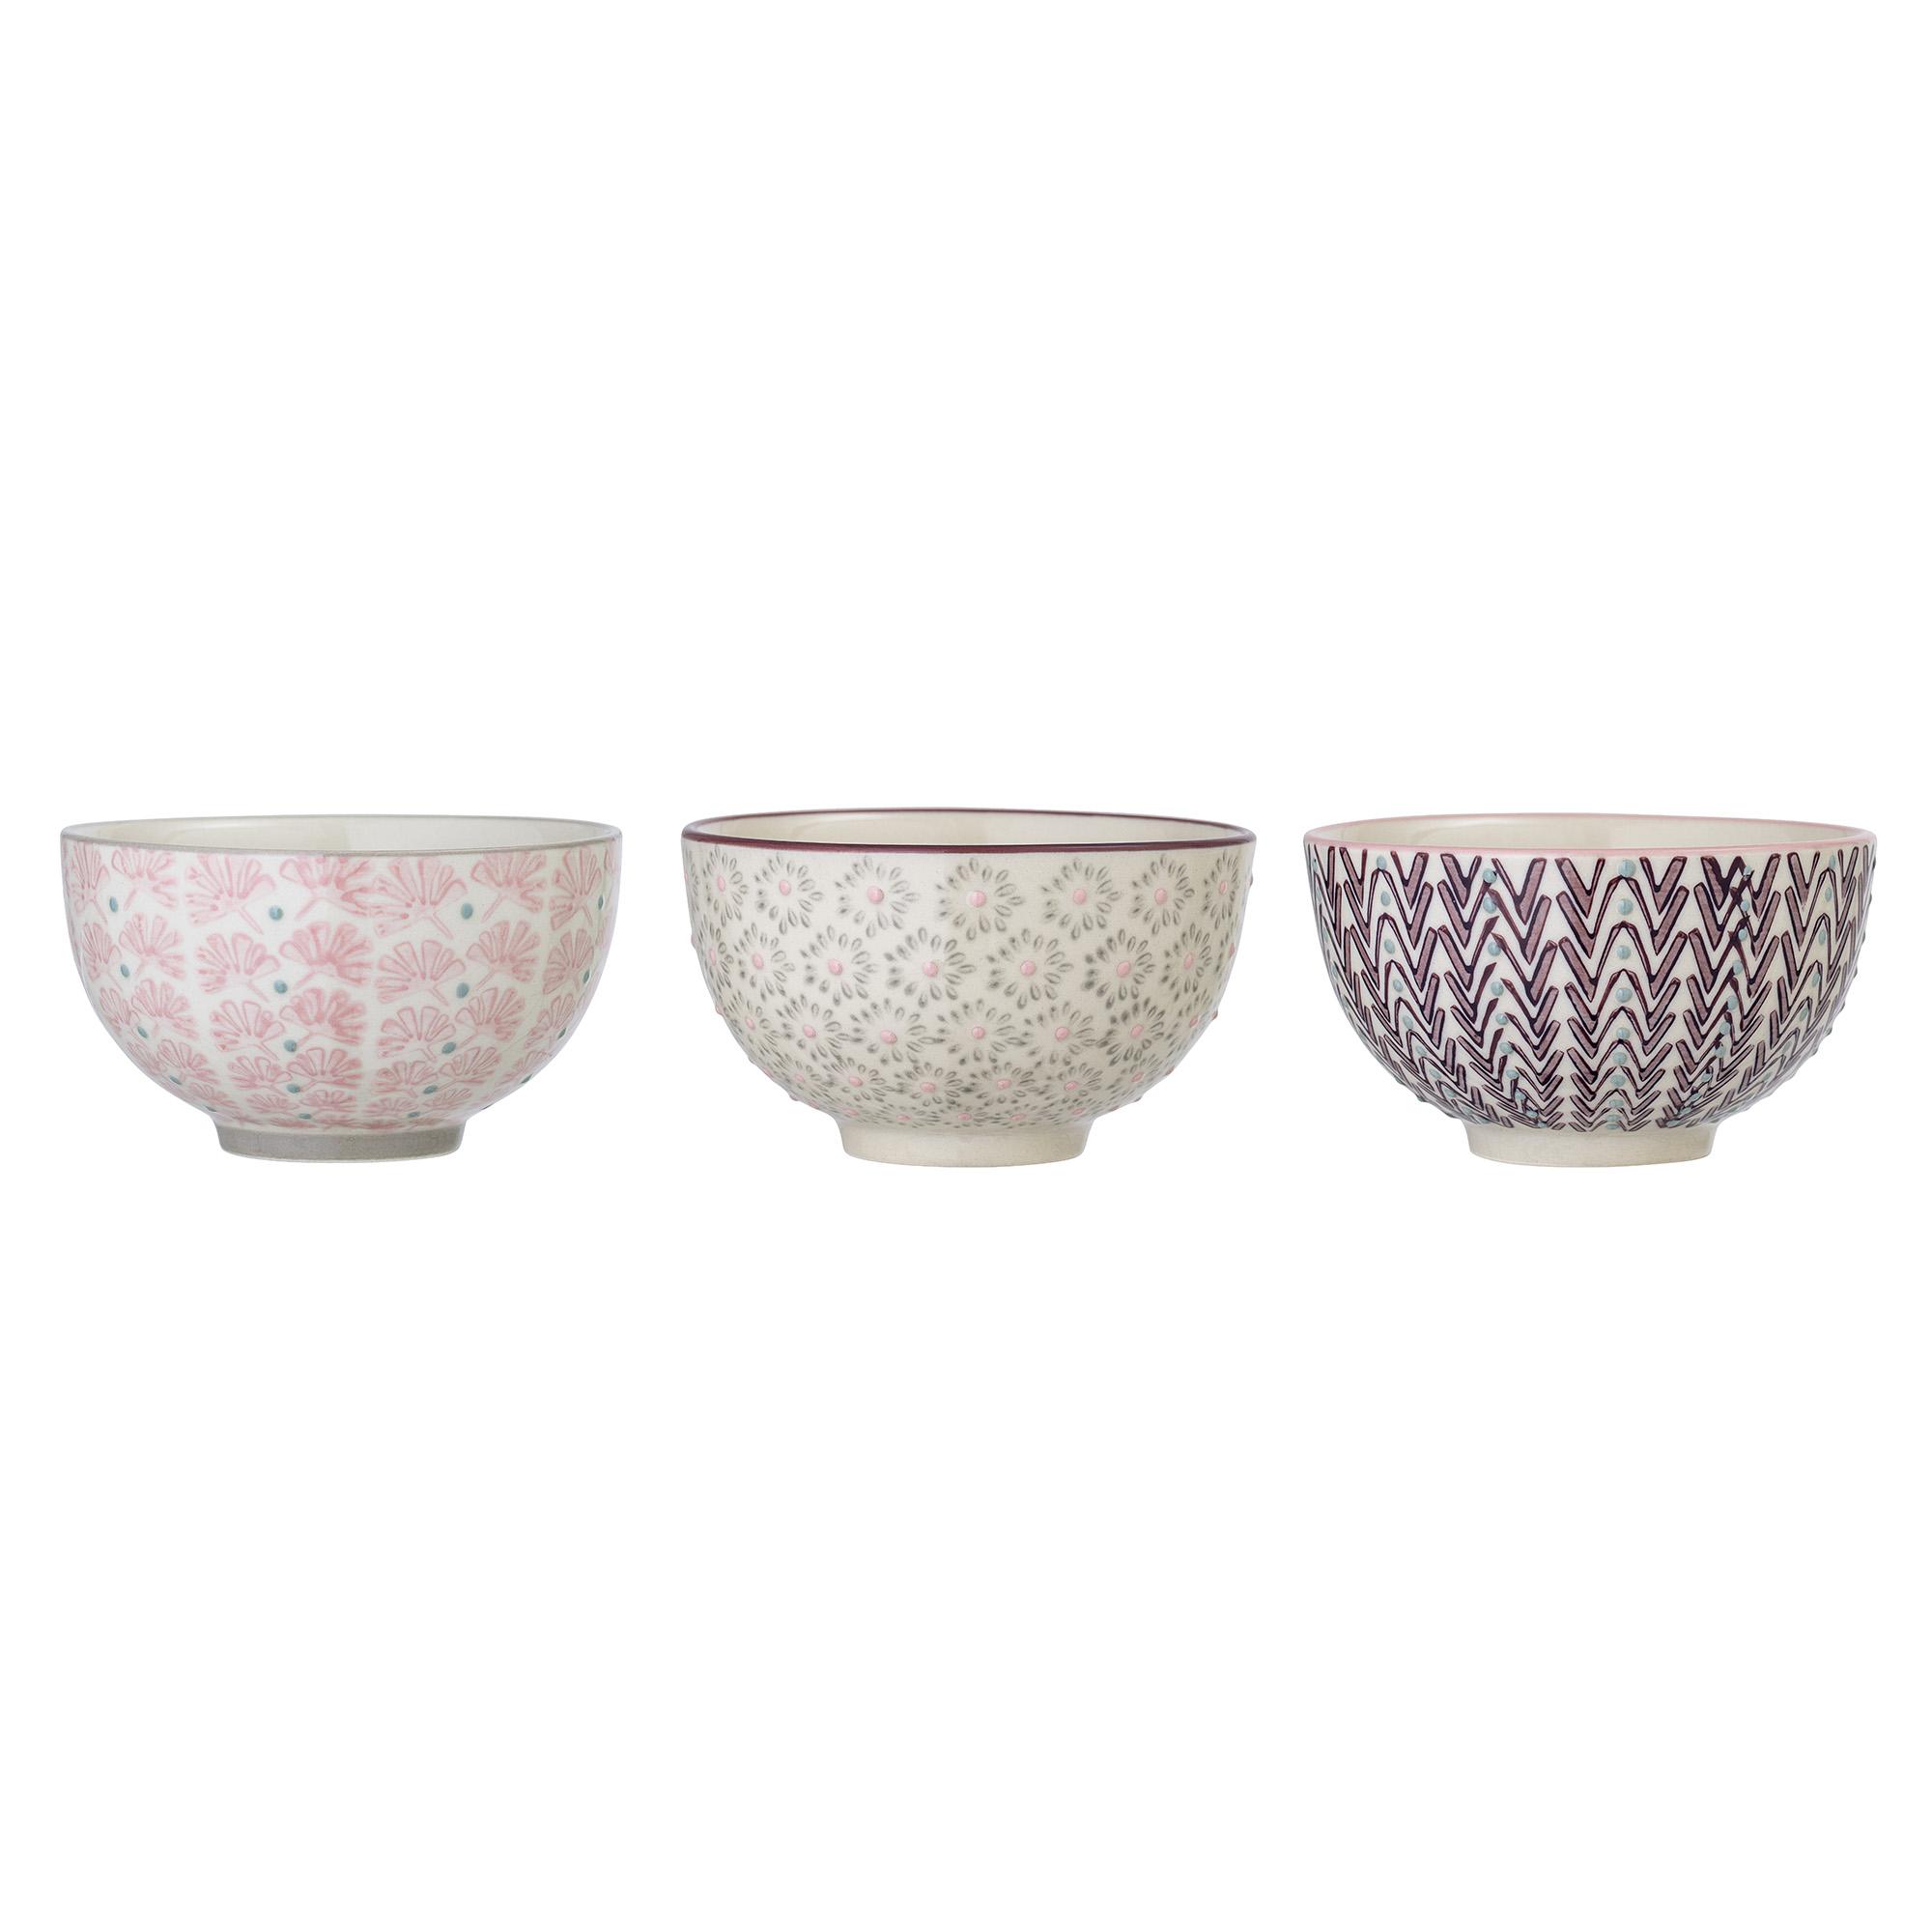 Bloomingville Schale Maya 3er Set Keramik Schussel 350ml Geschirr Muslischale Kaufen Bei Wohnhaus Welten